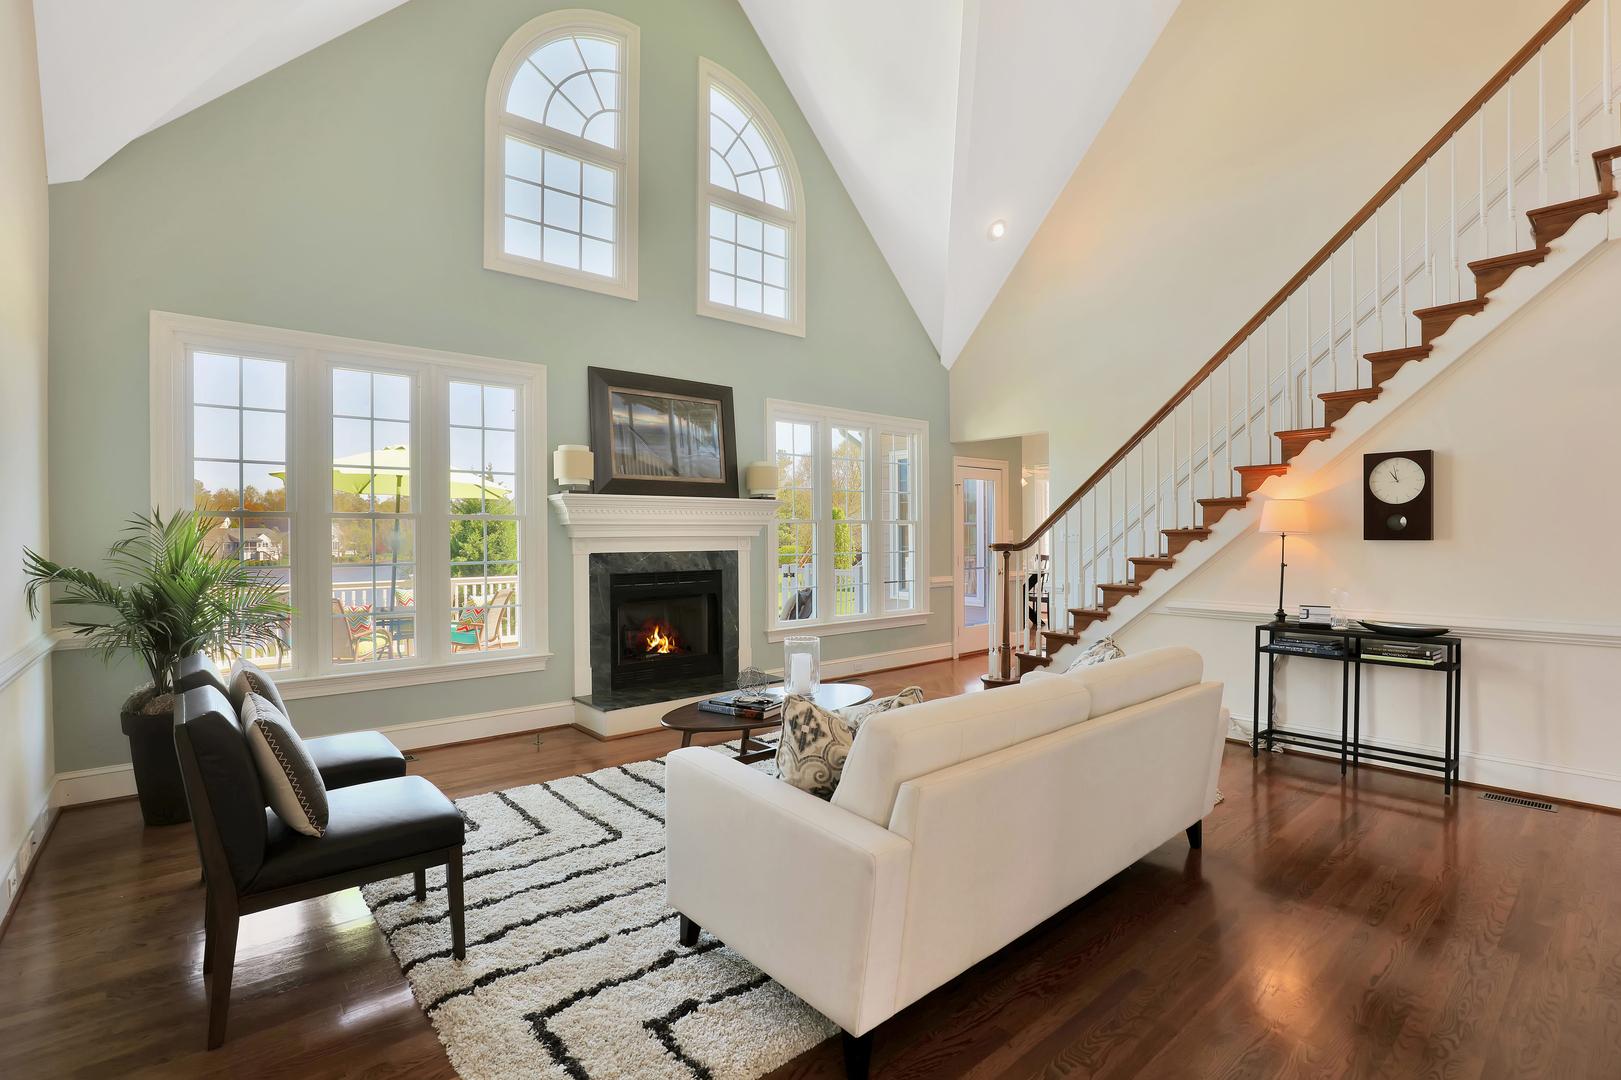 Jsquared Interior Staging Design In Richmond Va 23226